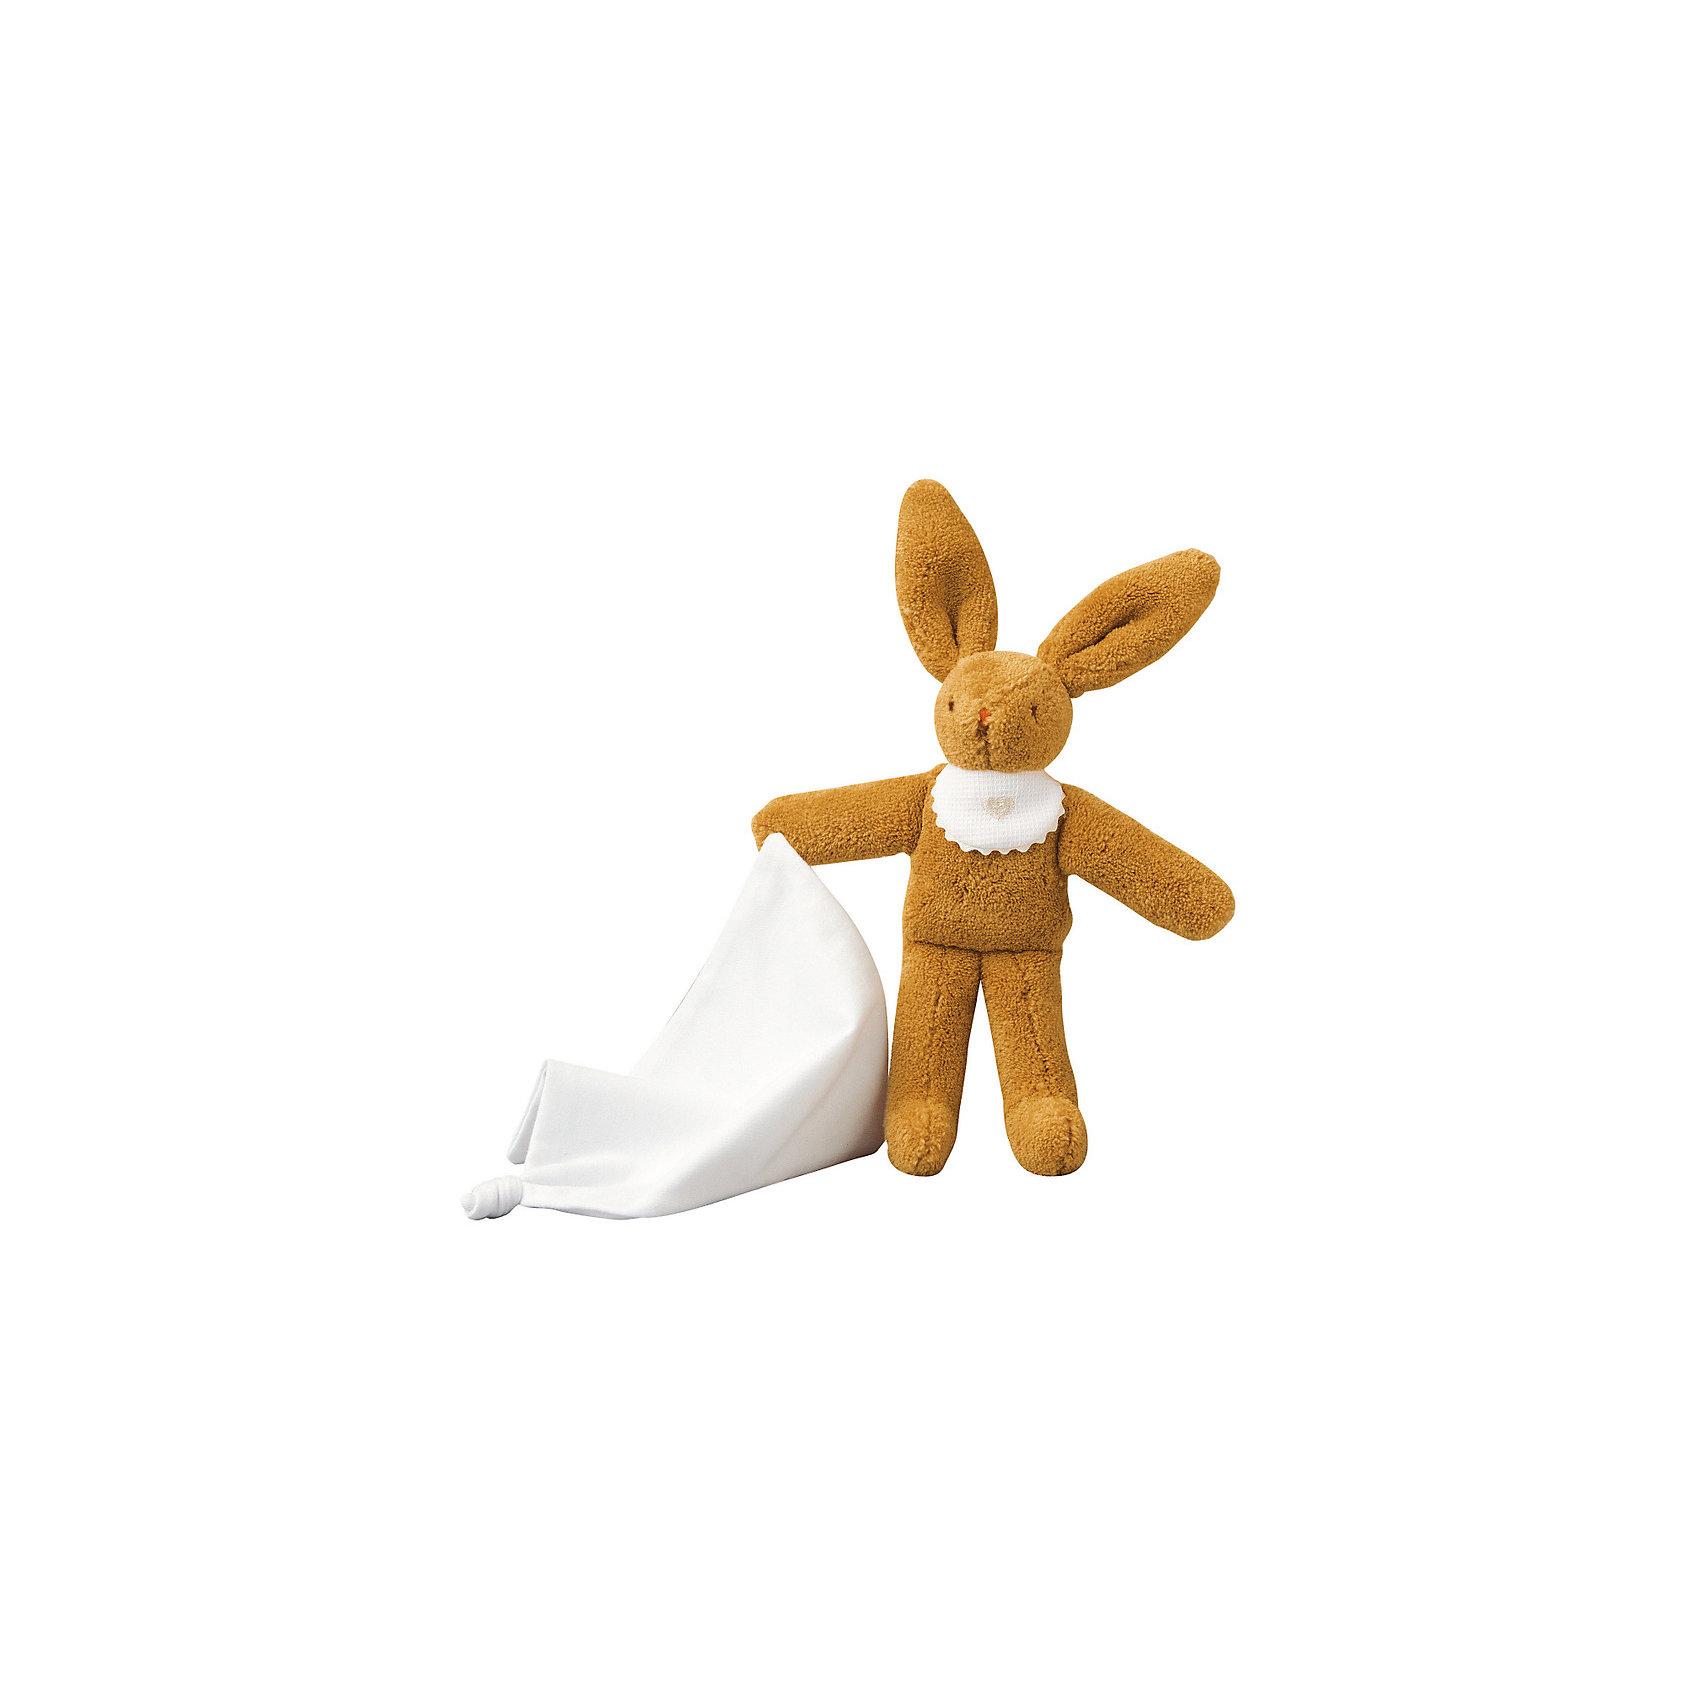 TROUSSELIER Мягкая игрушка Зайка с платочком, 20см, Trousselier trousselier музыкальная мини шарманка elmer© trousselier